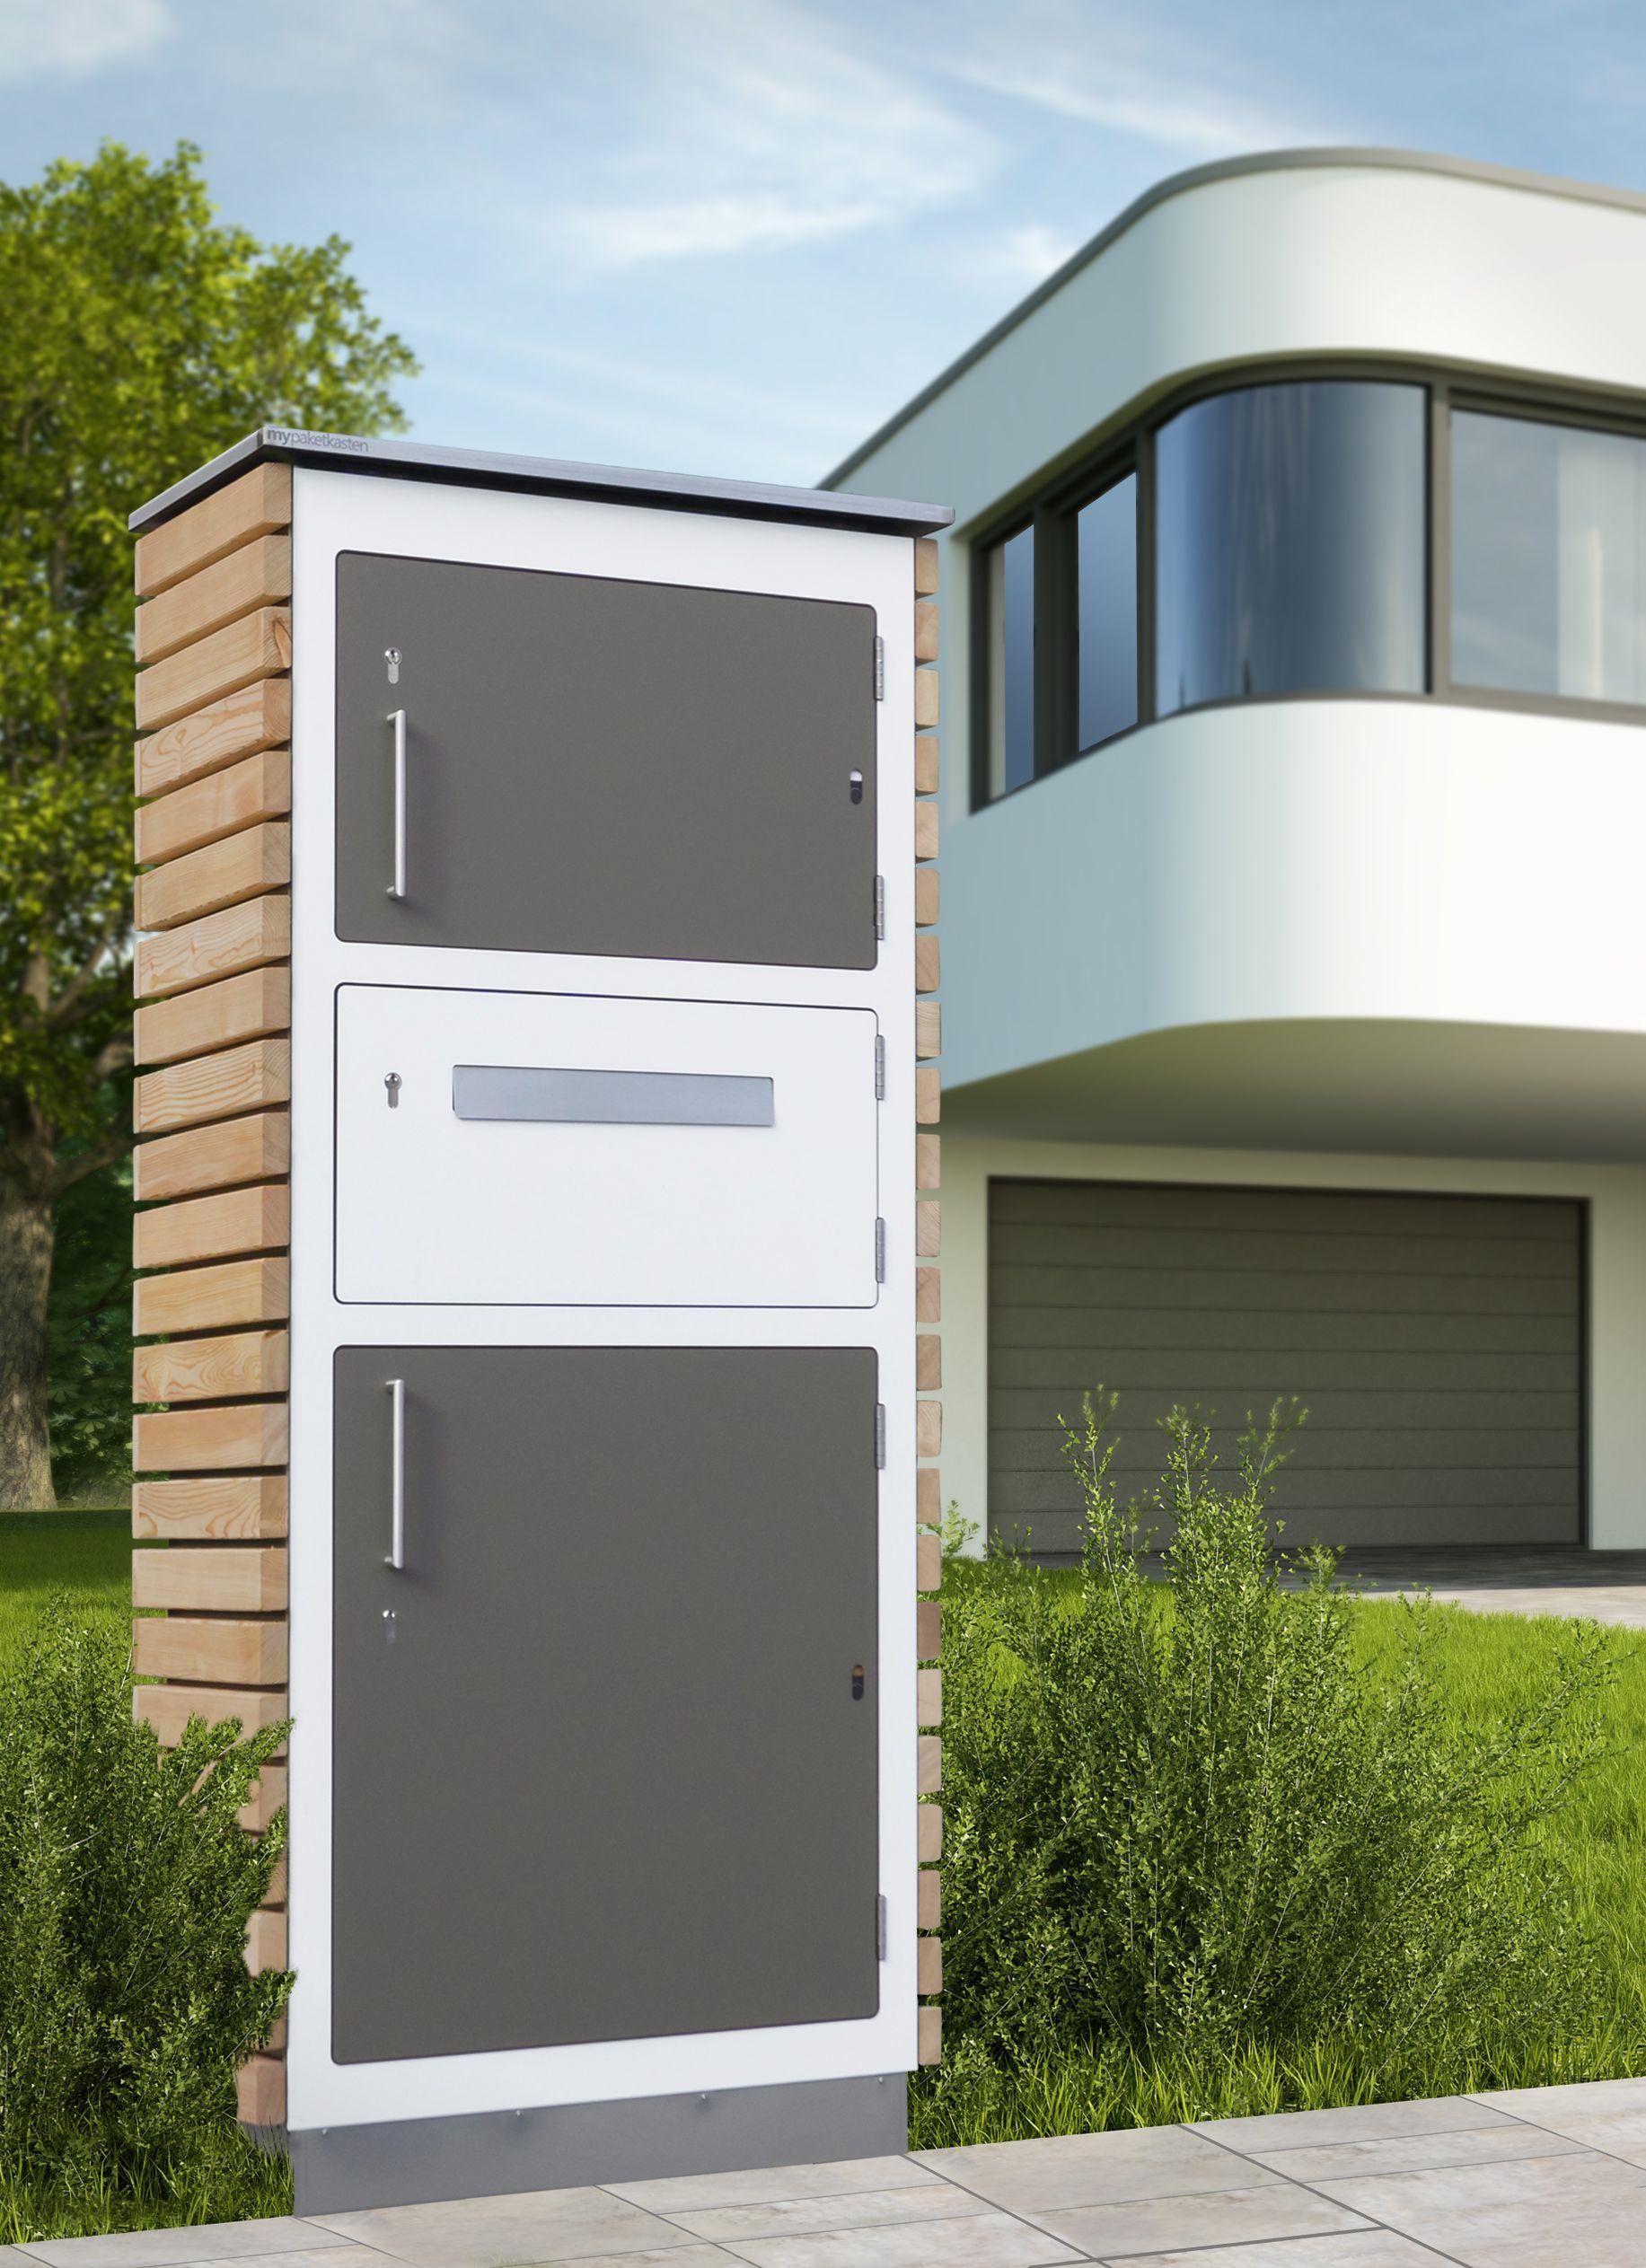 Paketbriefkasten Aus Holz Tolle Idee Paketbriefkasten Paketkasten Briefkasten Modern